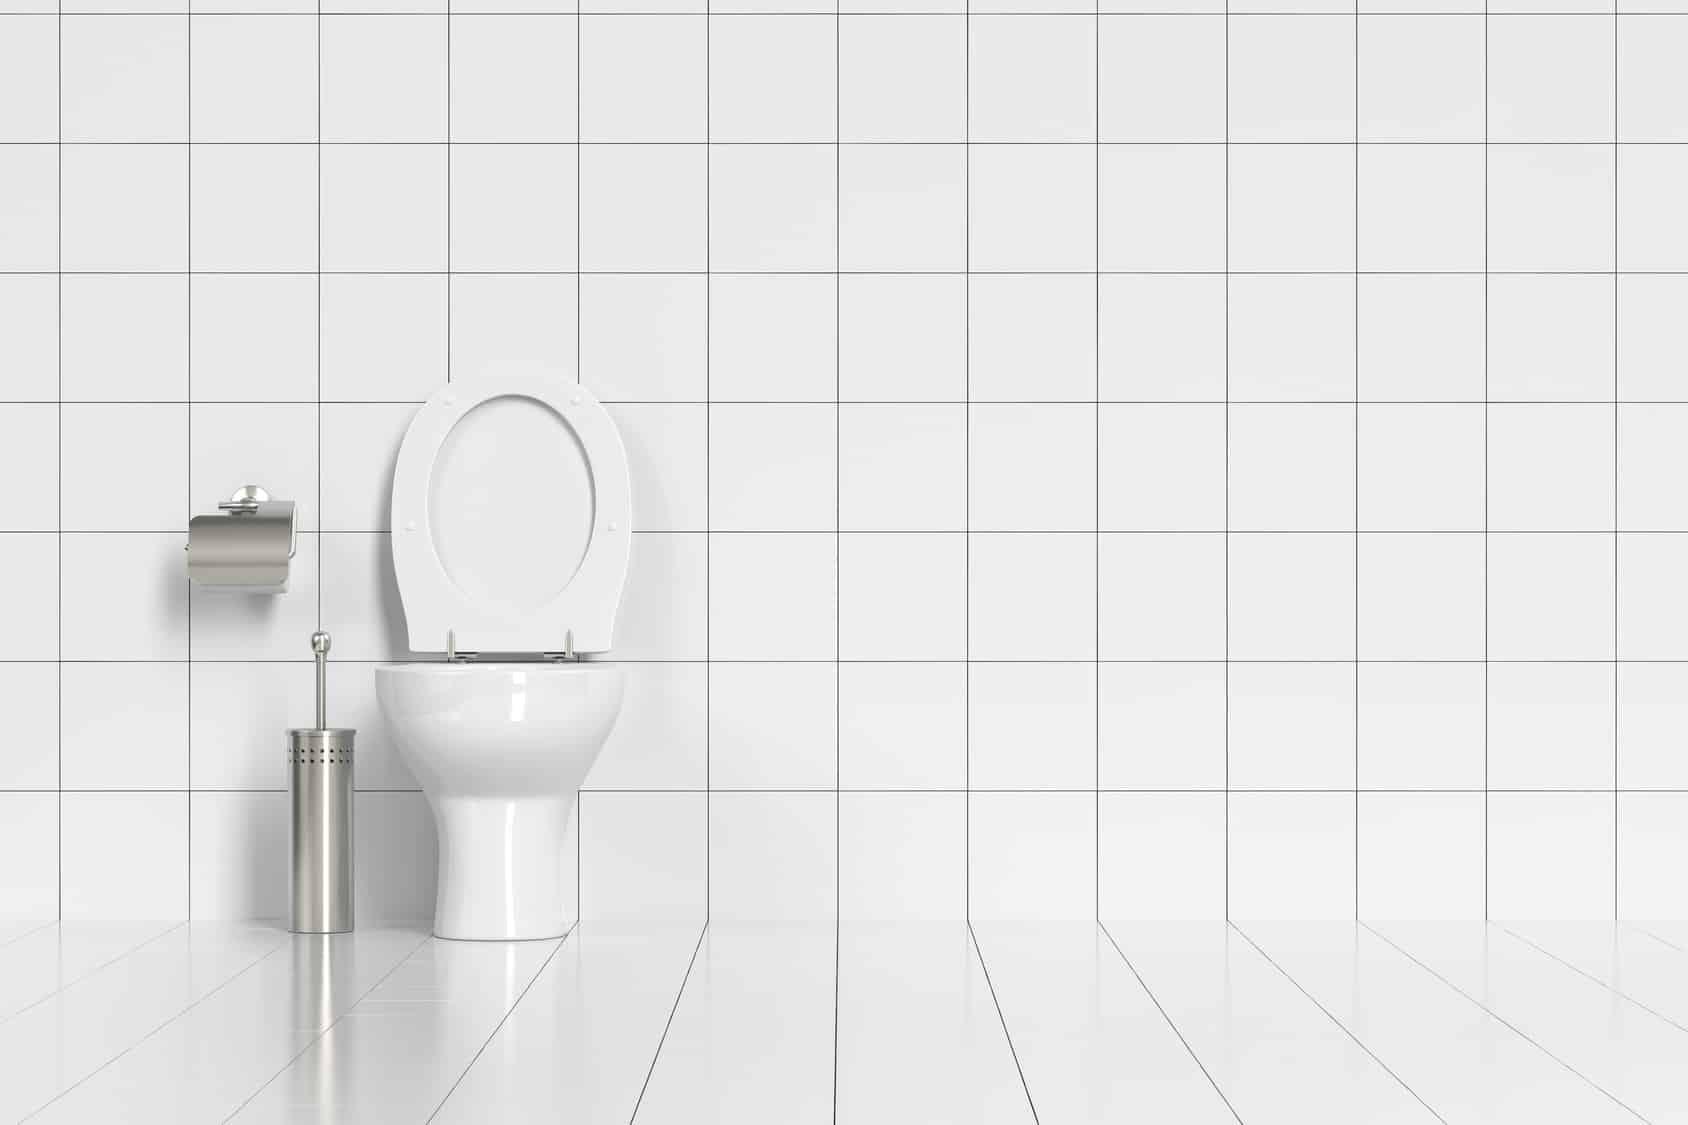 Combien De Wc Dans Une Maison le prix de l'installation de wc : les tarifs et devis